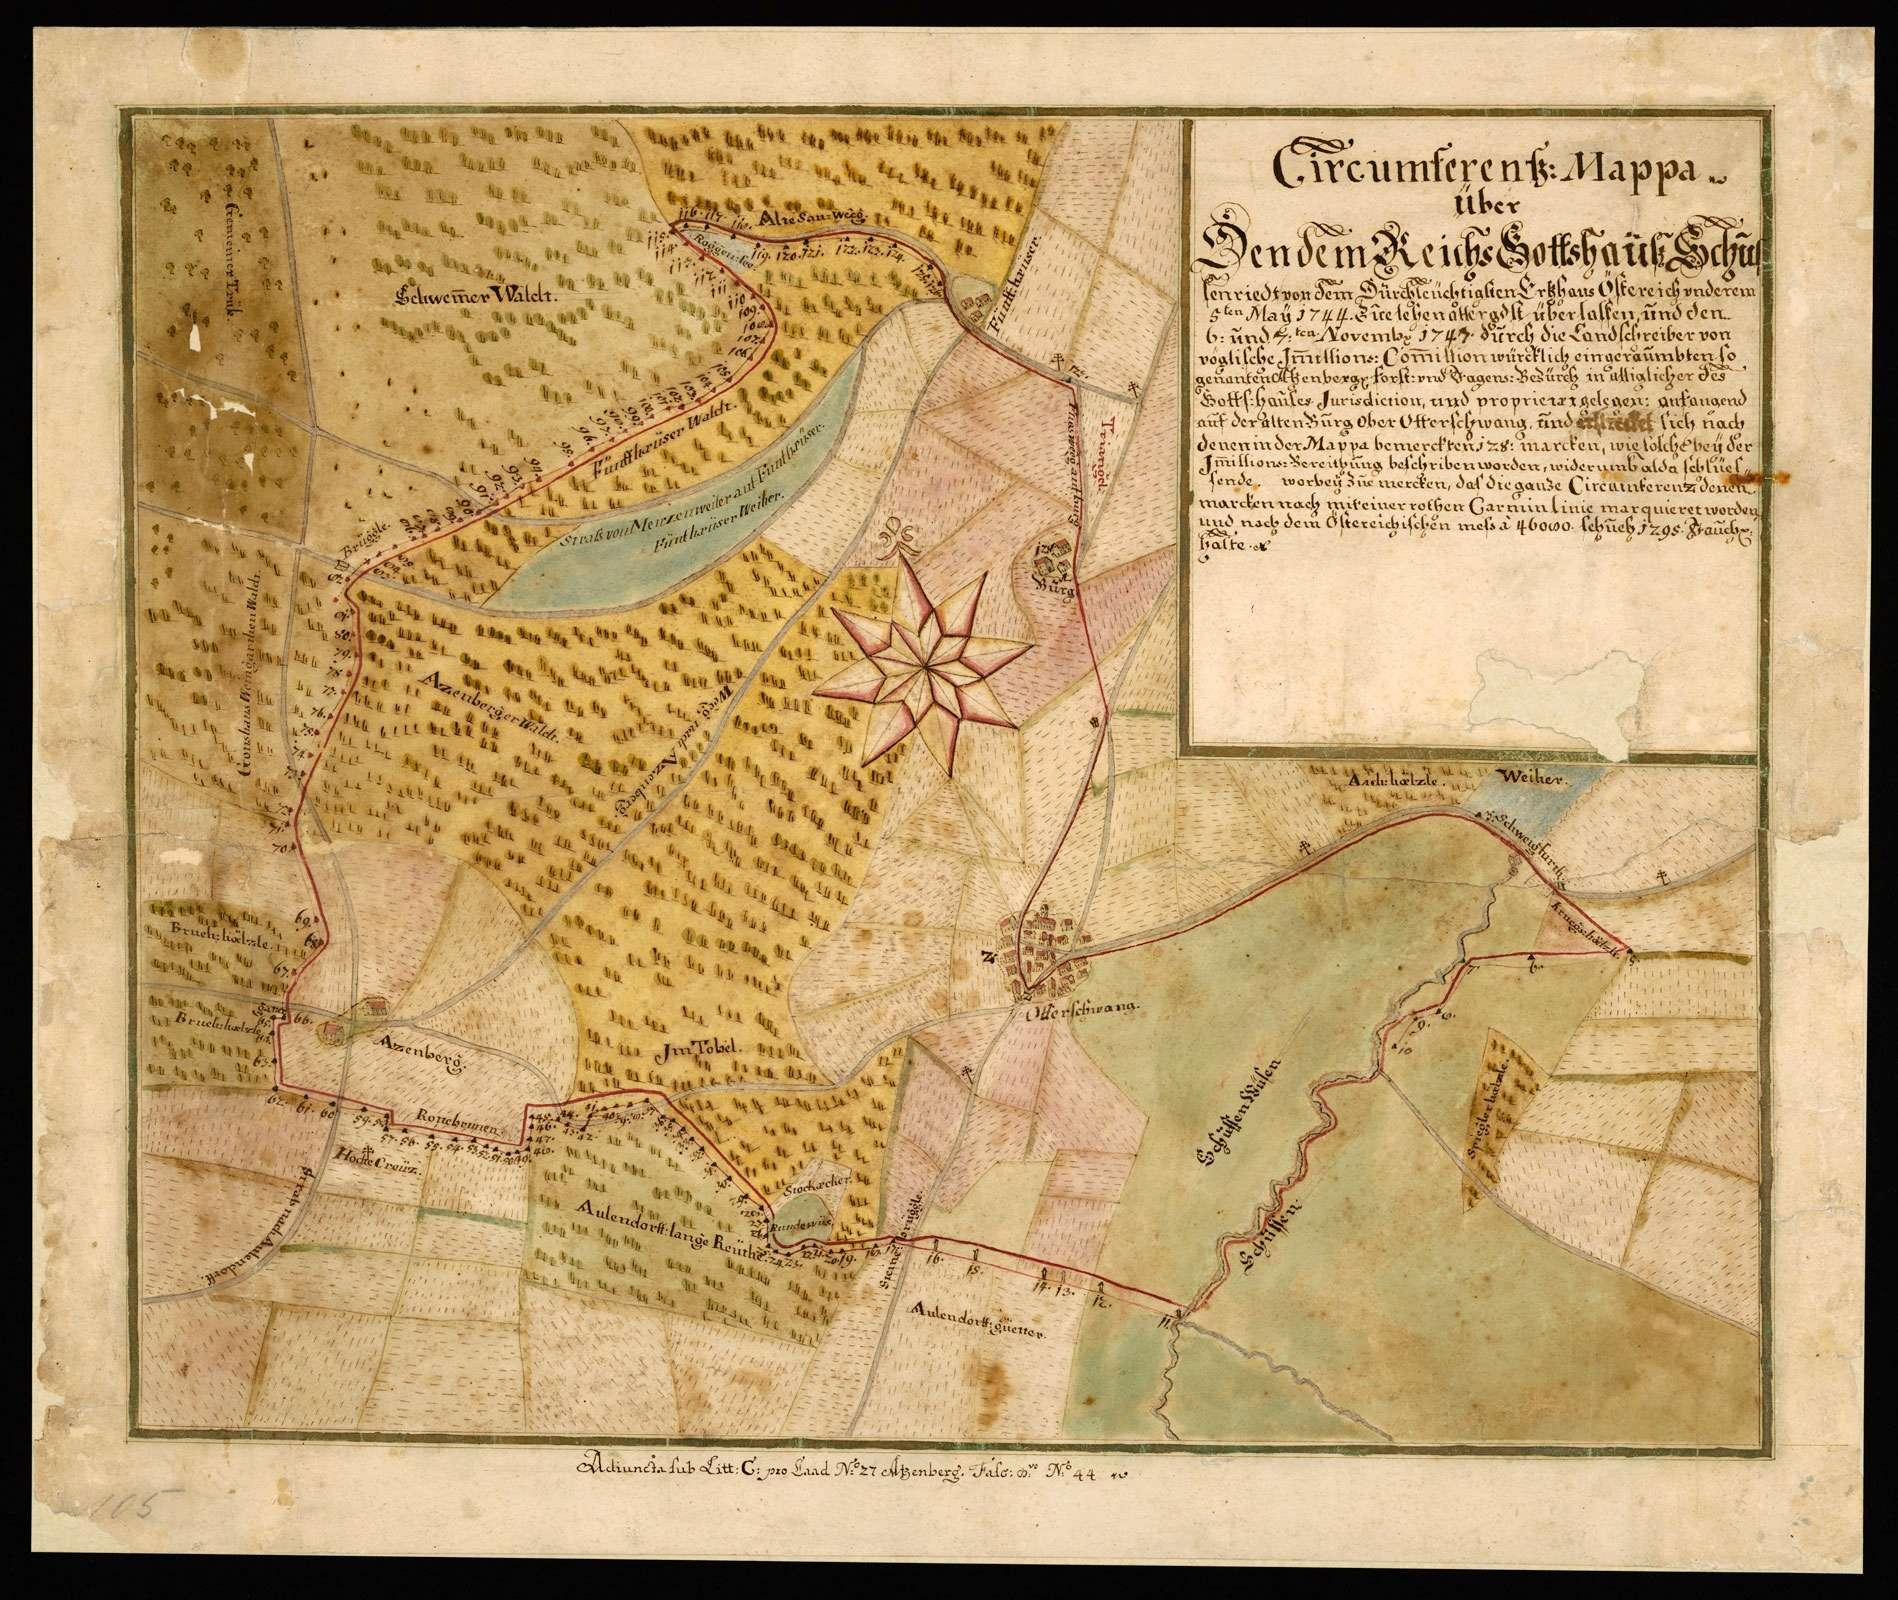 """Otterswang """"Circumferenz Mappa über den dem Reichsgottshauß Schussenriedt von dem durchleuchtigsten Ertzhauß Österreich underem 5ten May 1744 zue Lehen allergnedigst überlassen und den 6. und 7ten Novembris 1747 durch den Landschreiber... würcklich eingeraumbten, so genanten Atzenbergischen Forst- und Jagensbezürck in alliglicher des Gottshauses Jurisdiction und Proprietaet gelegen."""", Bild 2"""